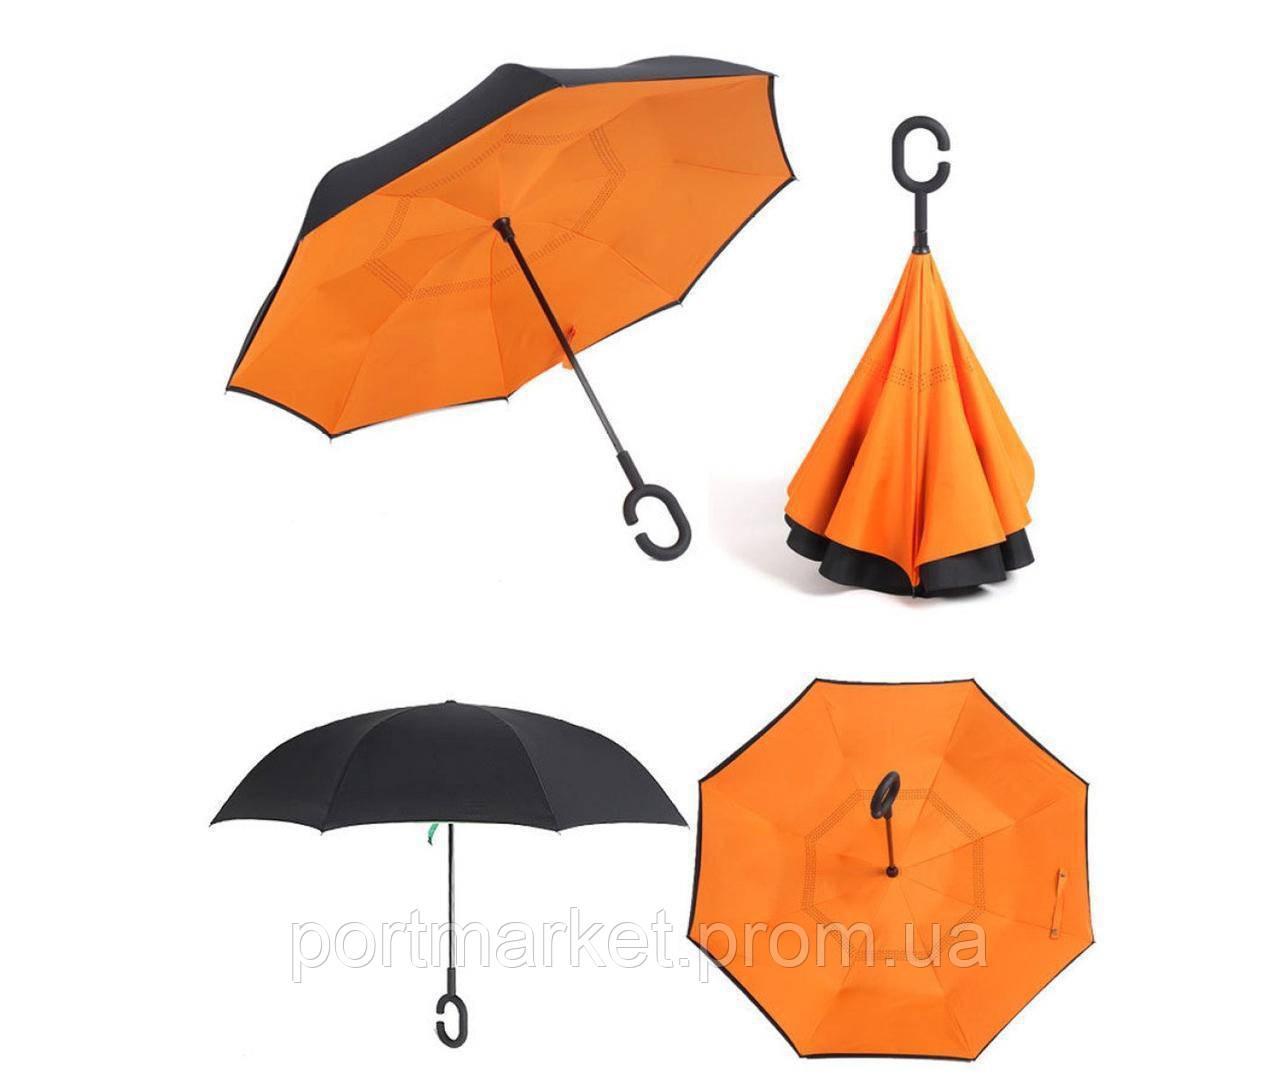 Зонт наоборот UnBrella. Антизонт зонтик обратного сложения.